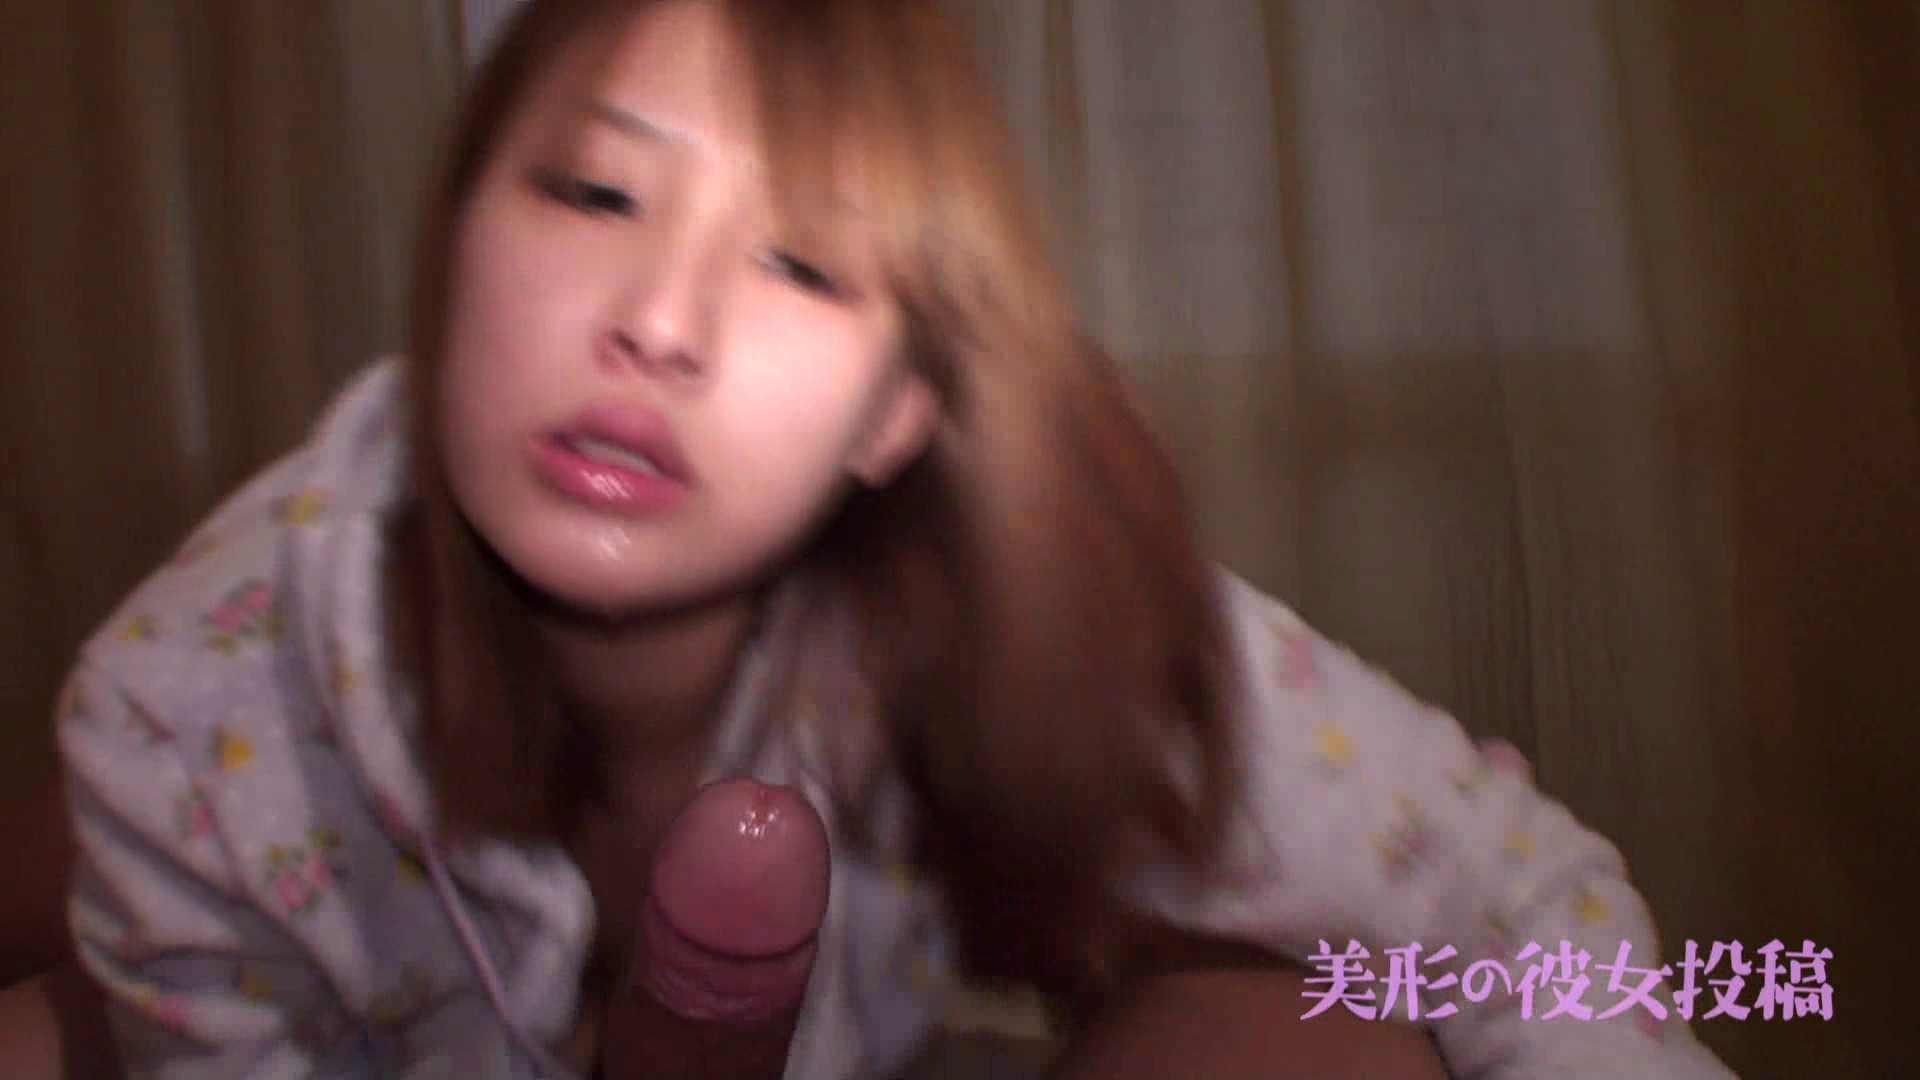 超美形の彼女を投稿!!04 一般投稿 戯れ無修正画像 99pic 59